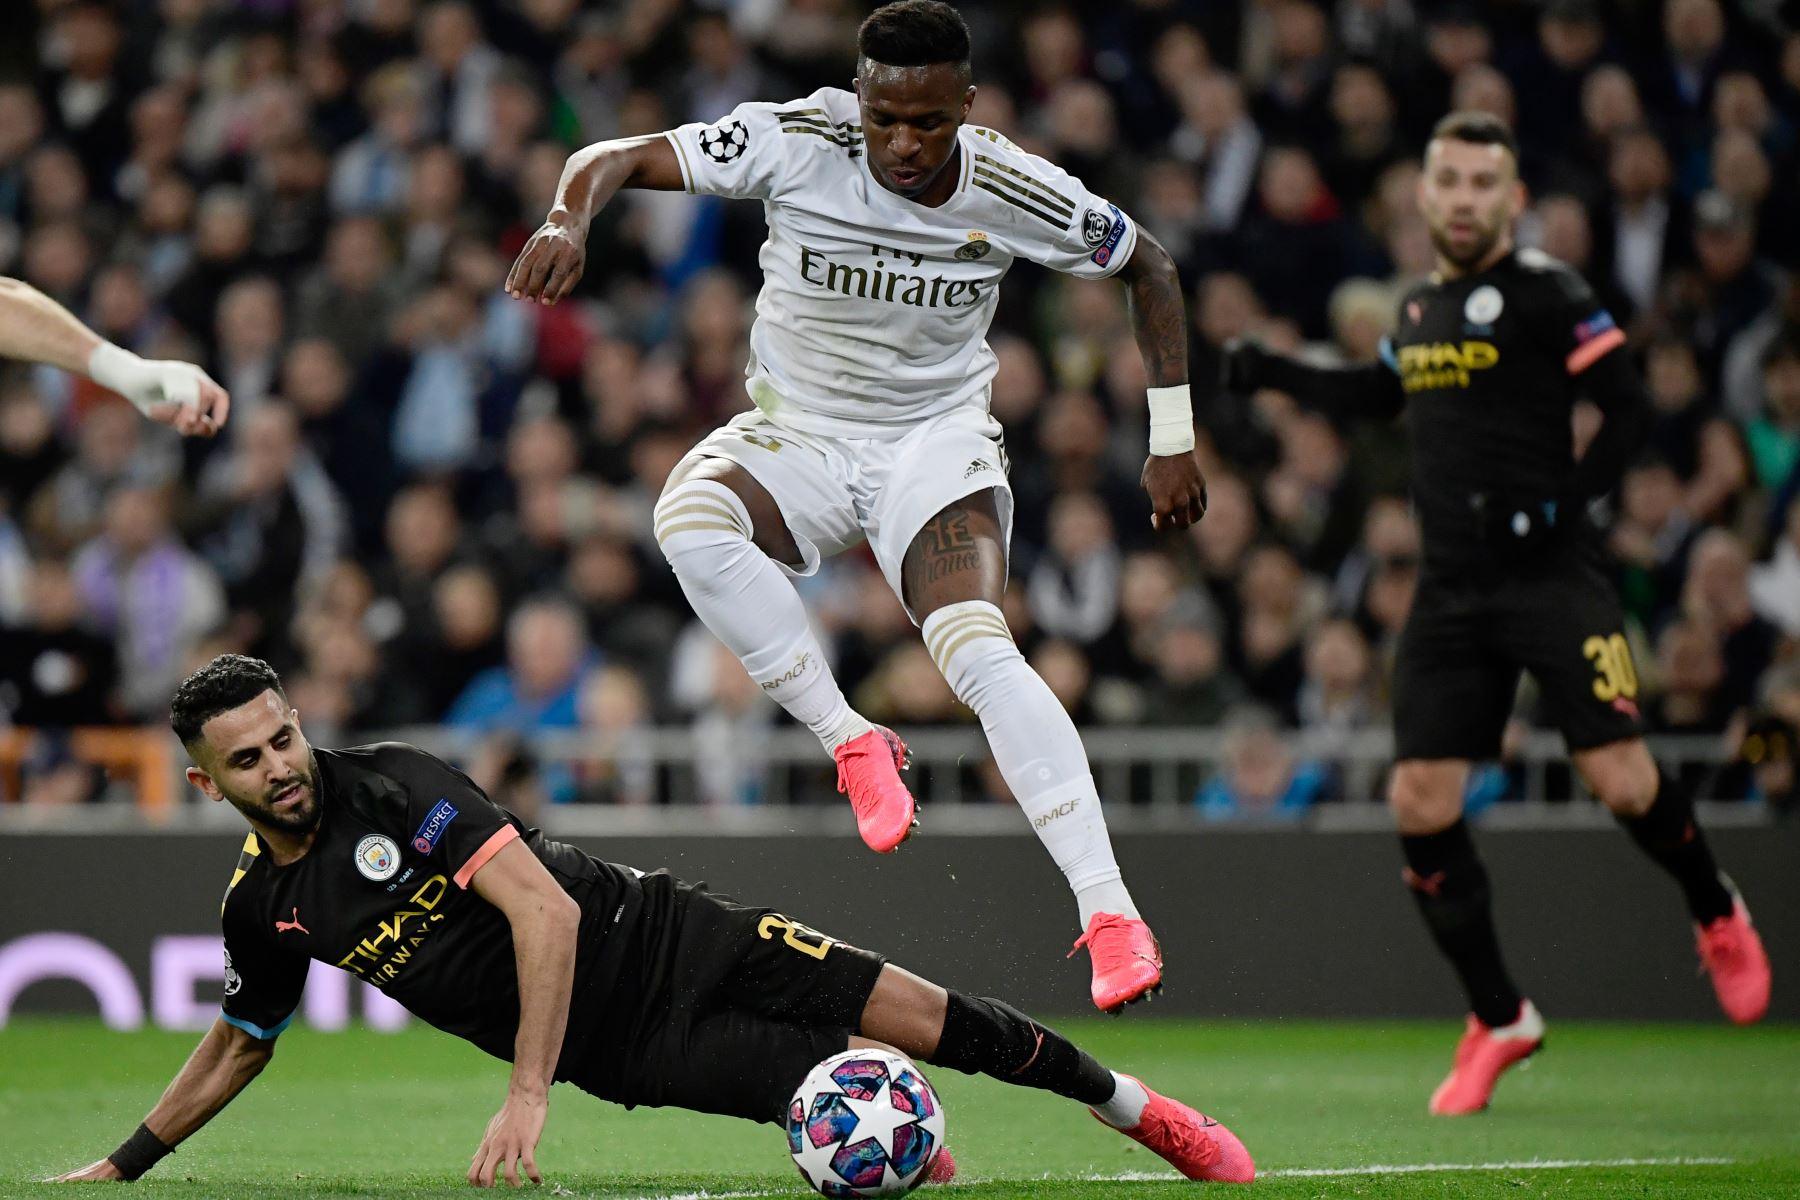 El delantero brasileño del Real Madrid, Vinicius Junior, salta sobre el centrocampista argelino del Manchester City, Riyad Mahrez, durante la ronda de 16 de la UEFA Champions League entre el Real Madrid CF y el Manchester City. Foto: AFP